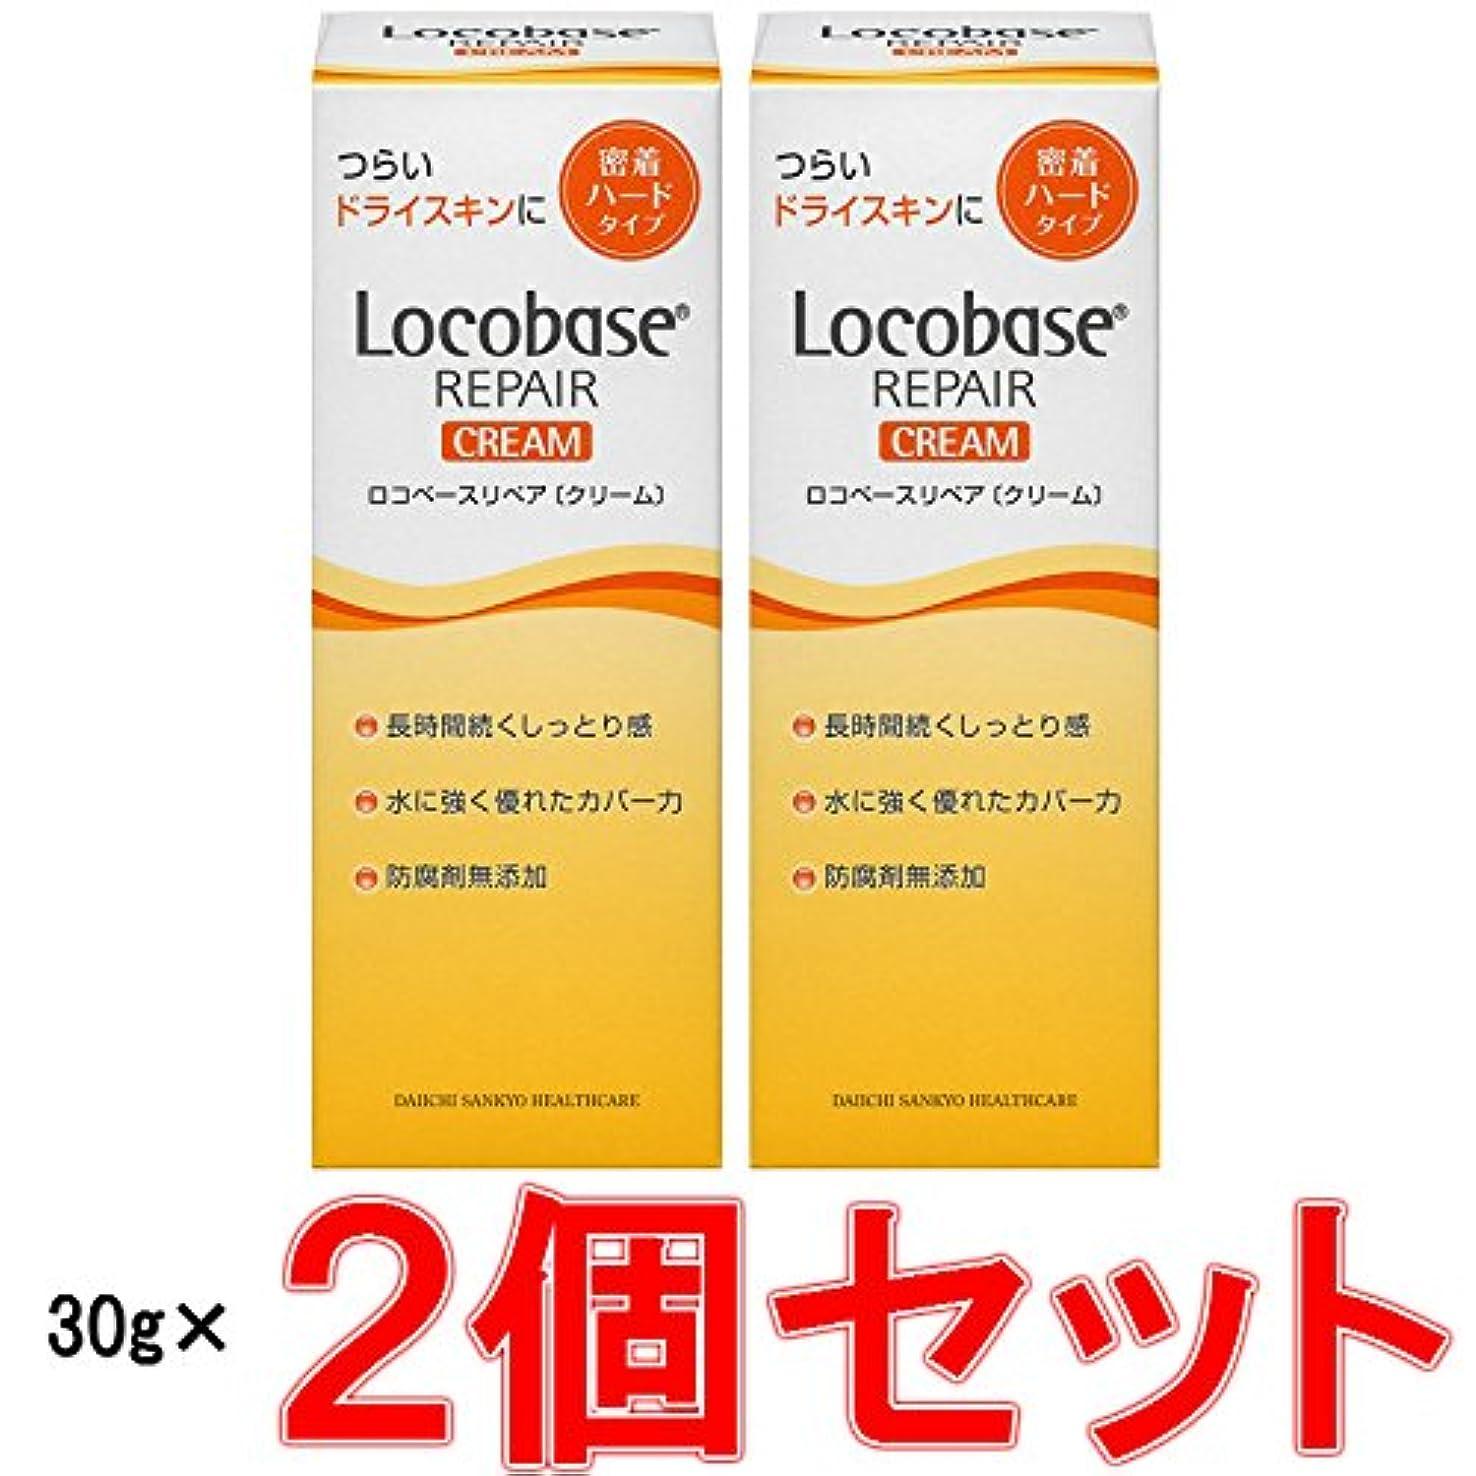 放つビュッフェミス【2個セット】ロコベースリペアクリーム 30g【第一三共ヘルスケア 】